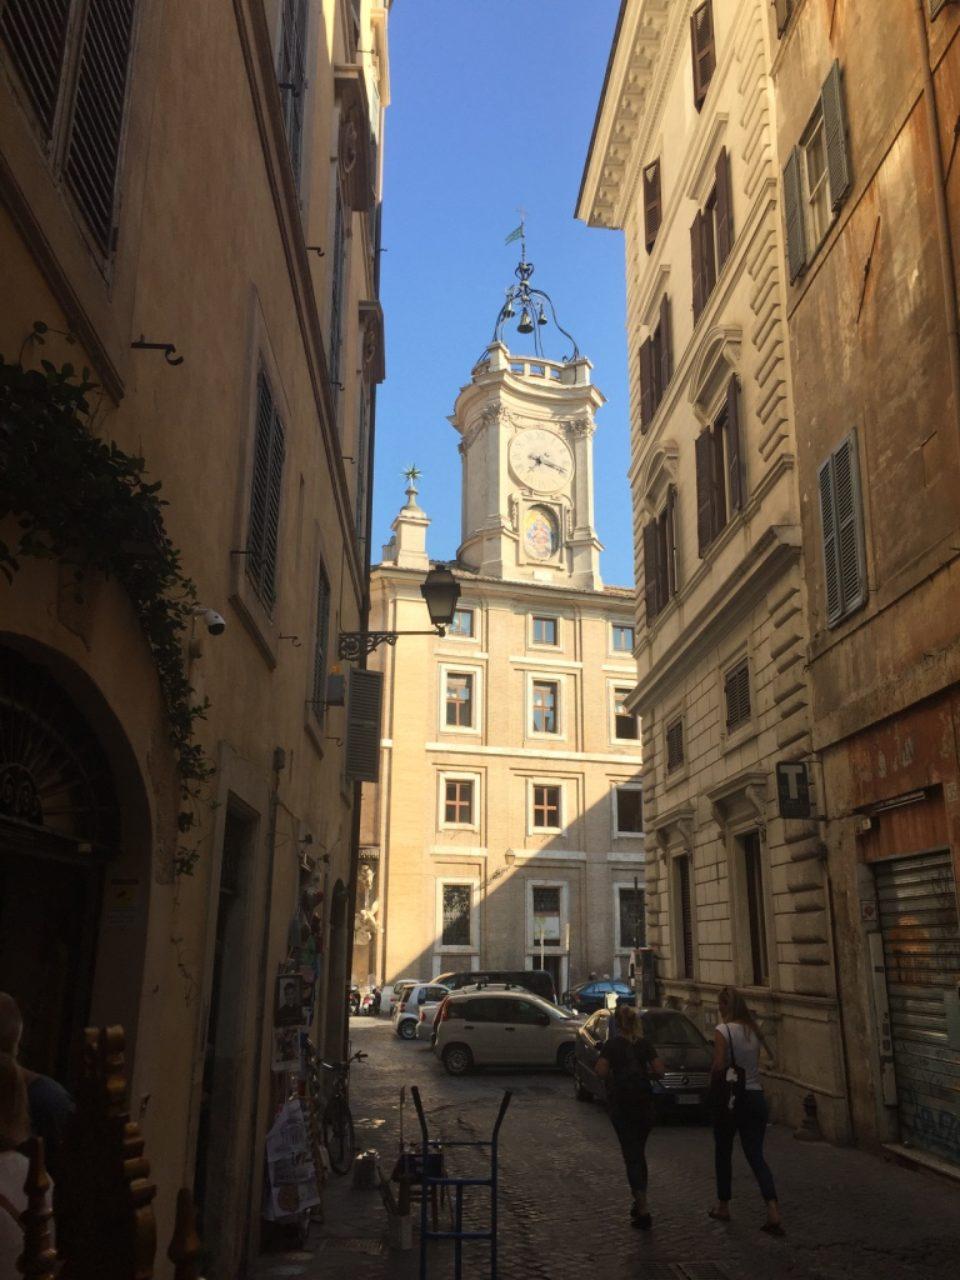 Piazza del'Orologio